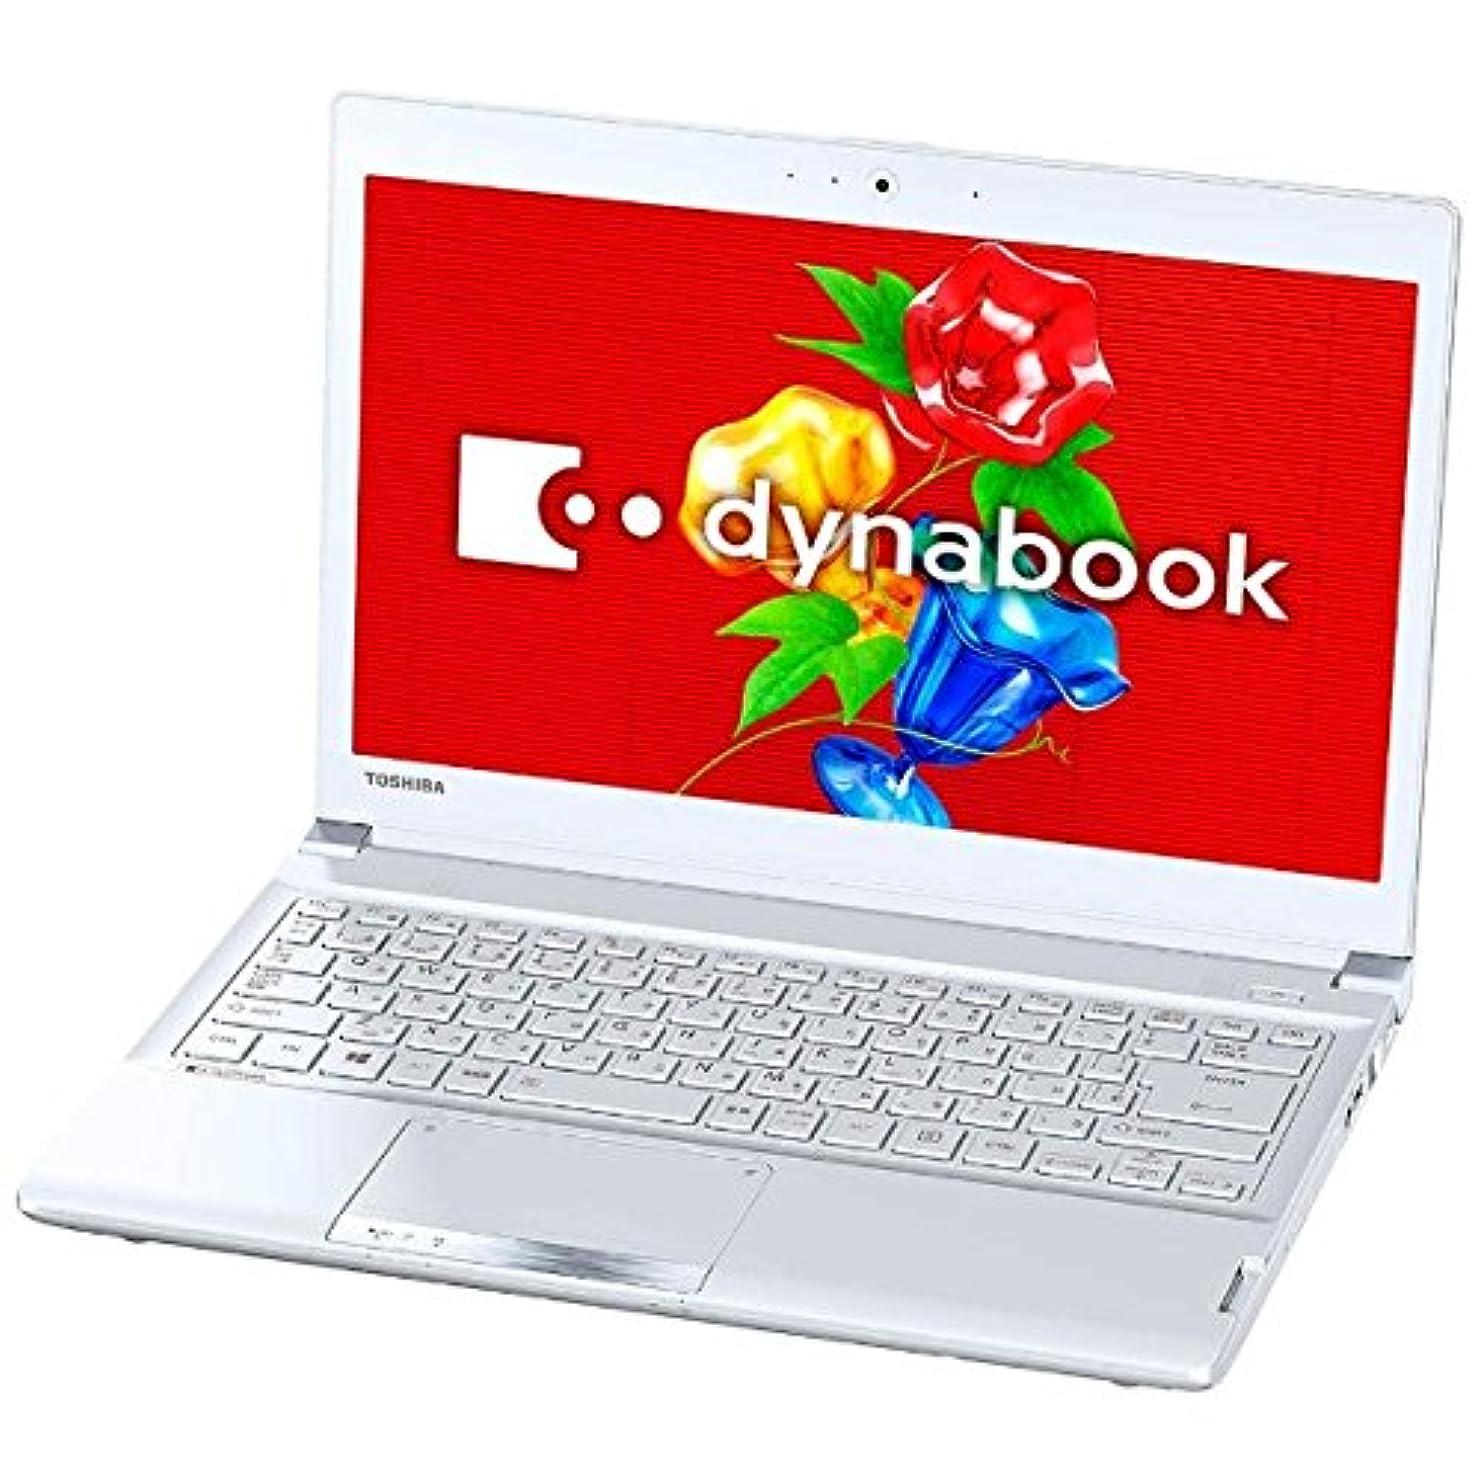 予定サービス活性化する東芝 dynabook R73/37MW